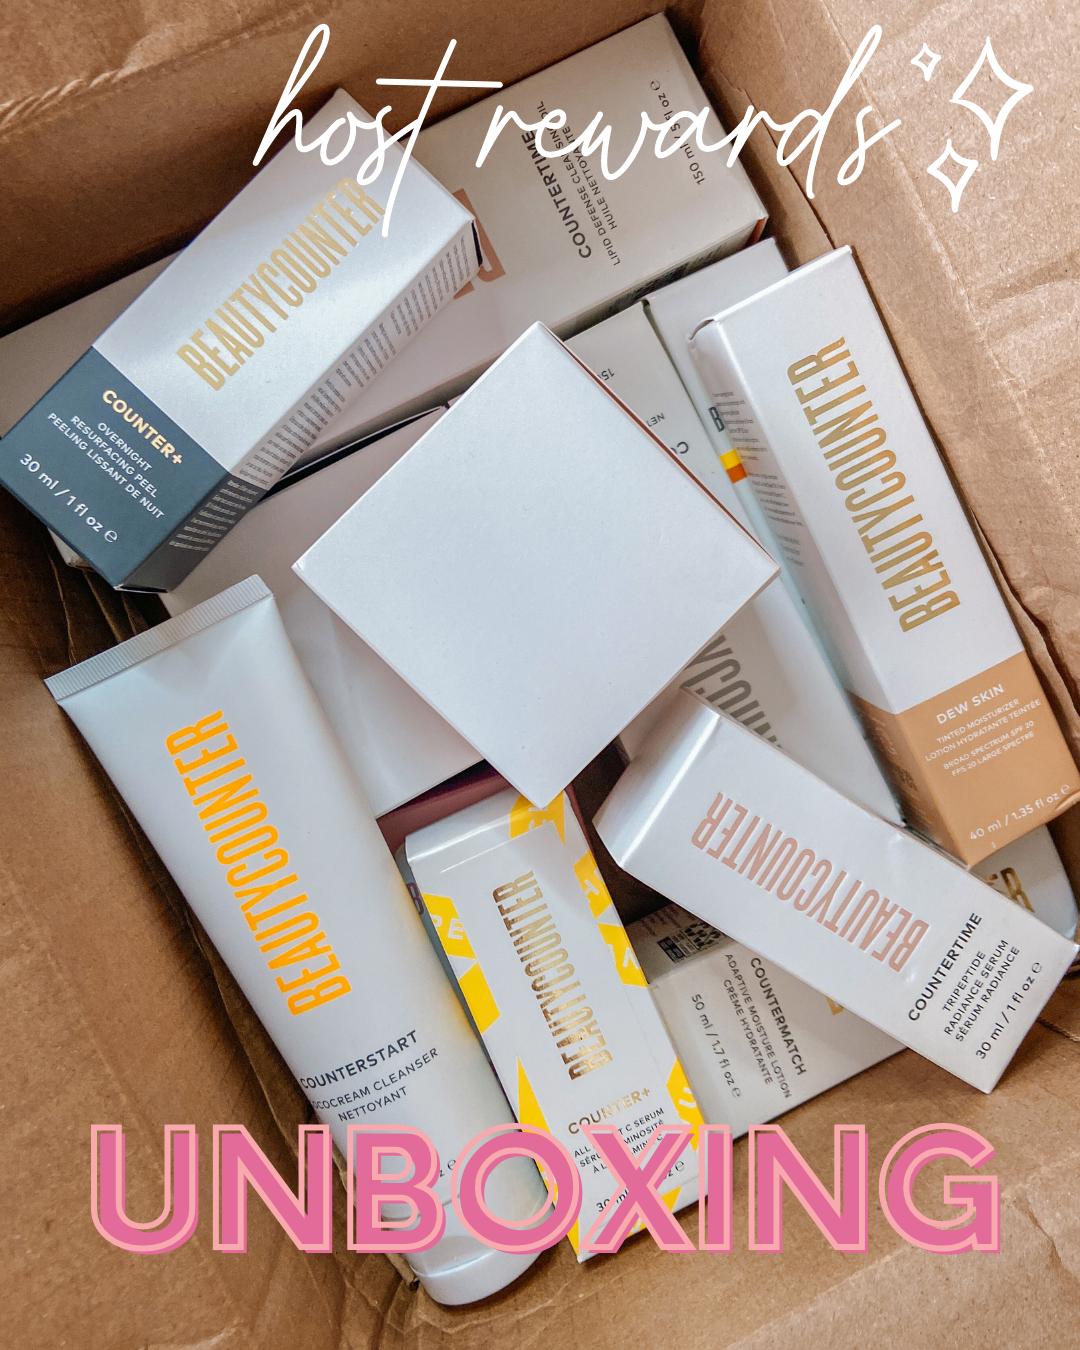 Host Rewards Haul August 2021 unboxing